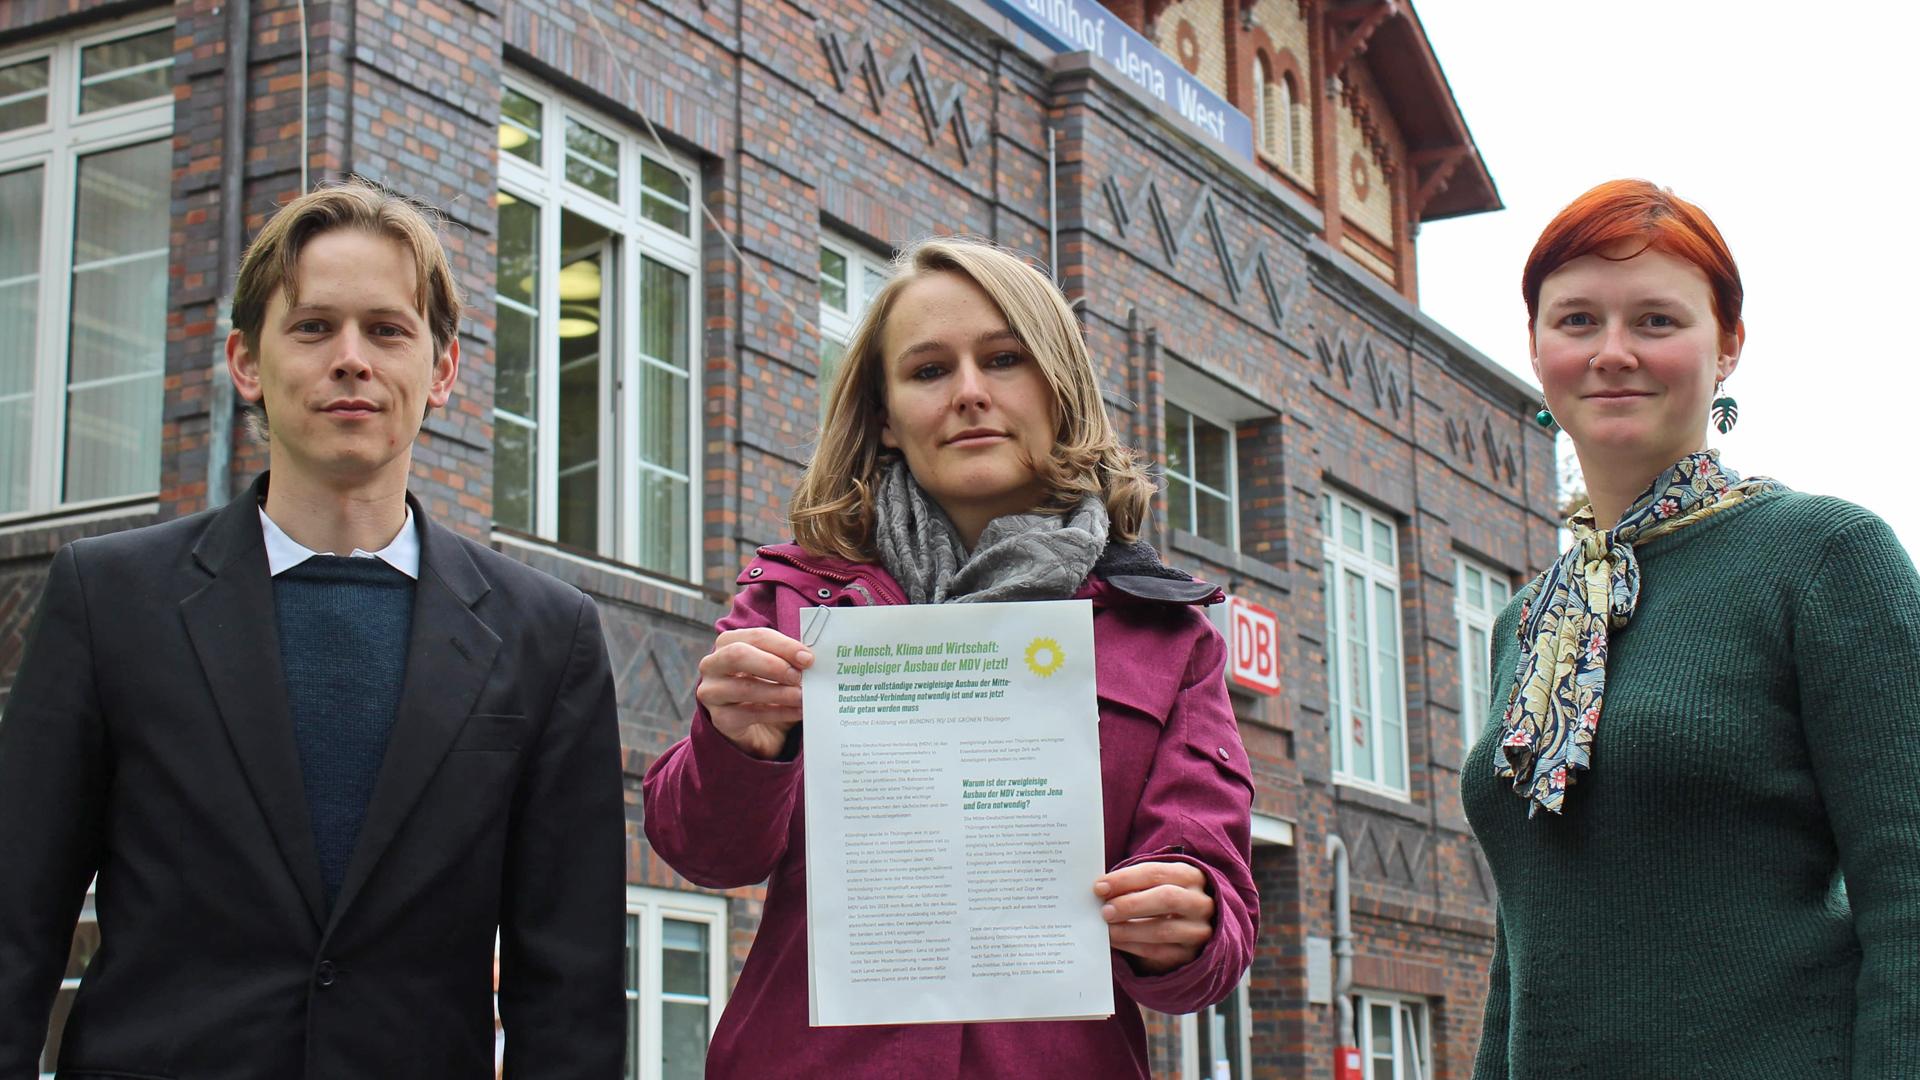 Grüne Spitzenpolitiker*innen fordern zweigleisigen Ausbau der Mitte-Deutschland-Verbindung